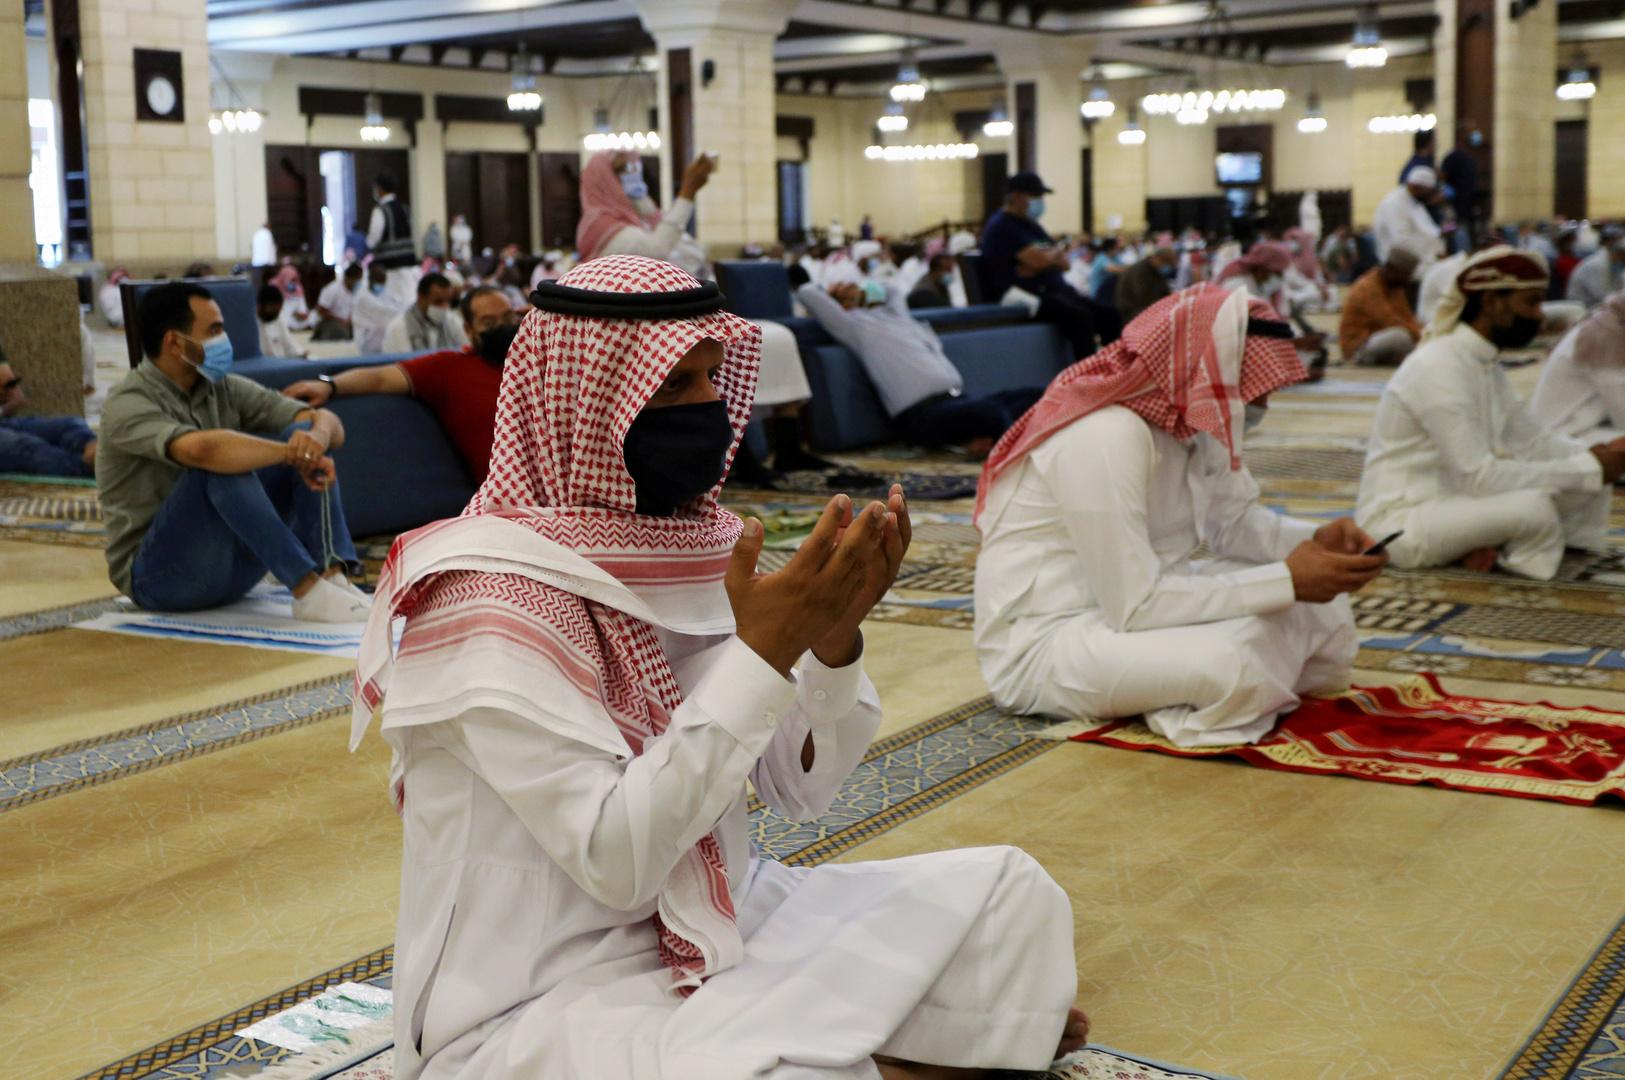 كورونا في السعودية.. أكبر ارتفاع في الوفيات منذ بداية الجائحة وتراجع في الإصابات